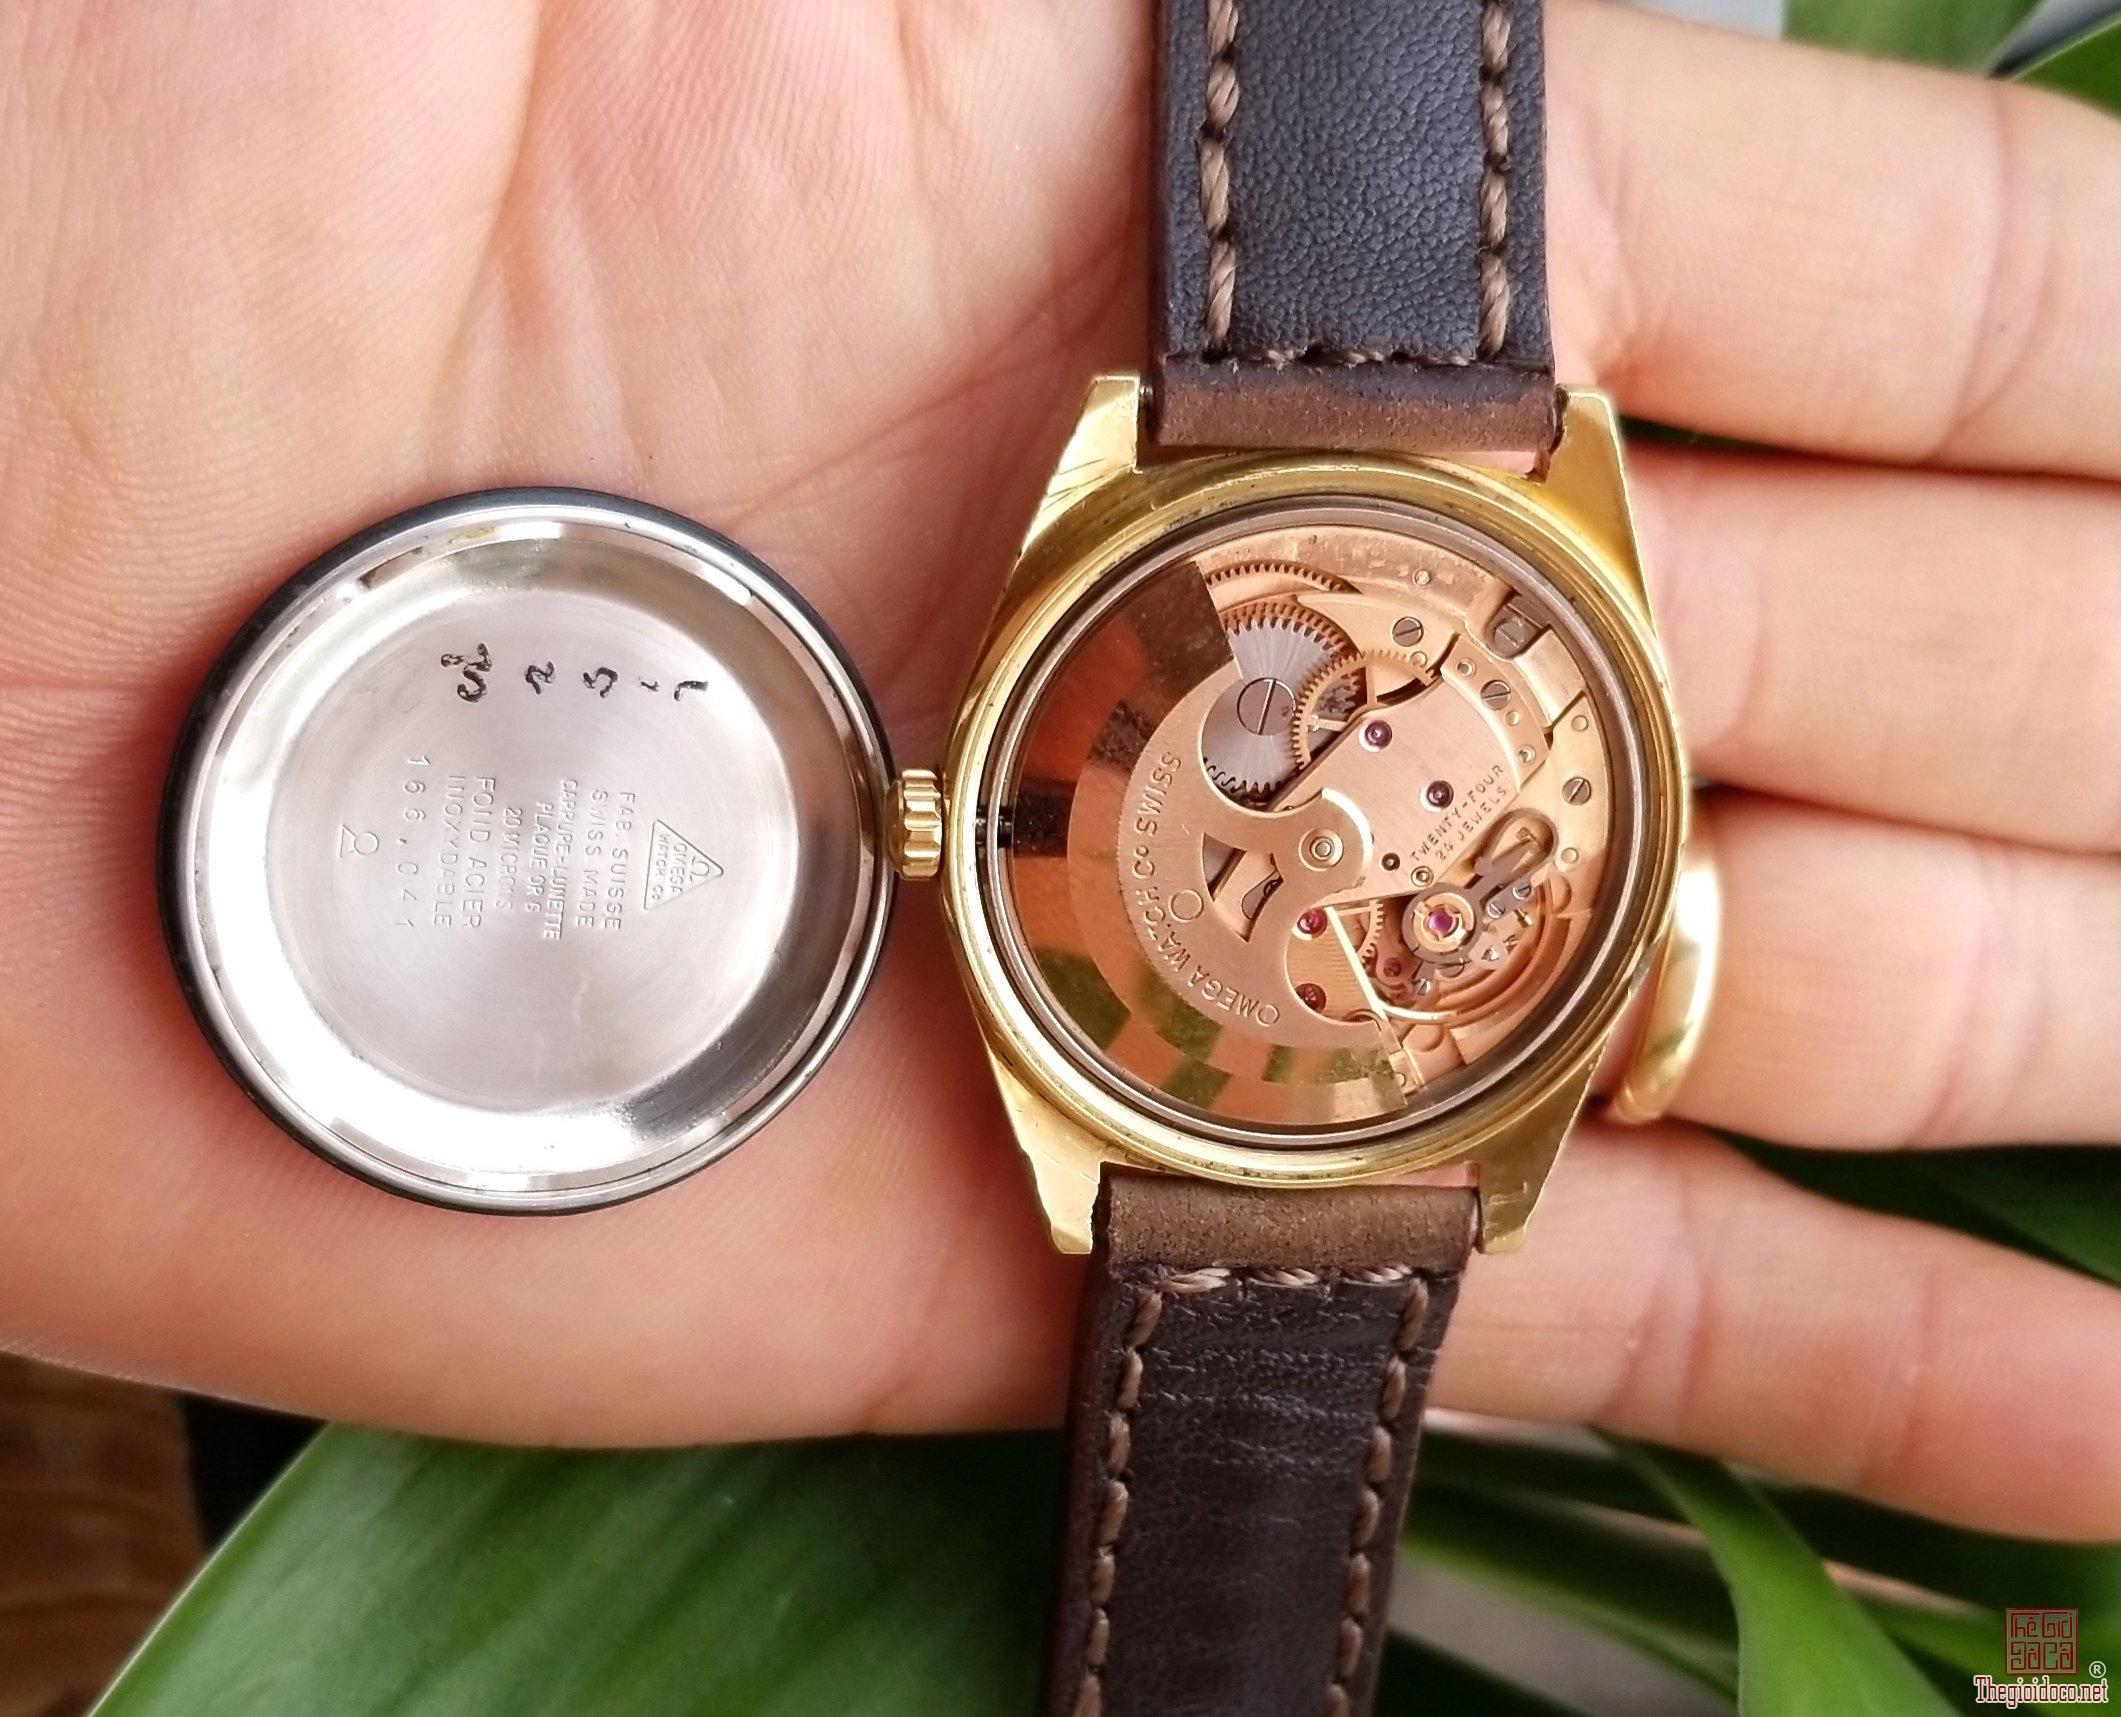 Đồng hồ xưa tự động OMEGA GENEVA Thụy Sỹ